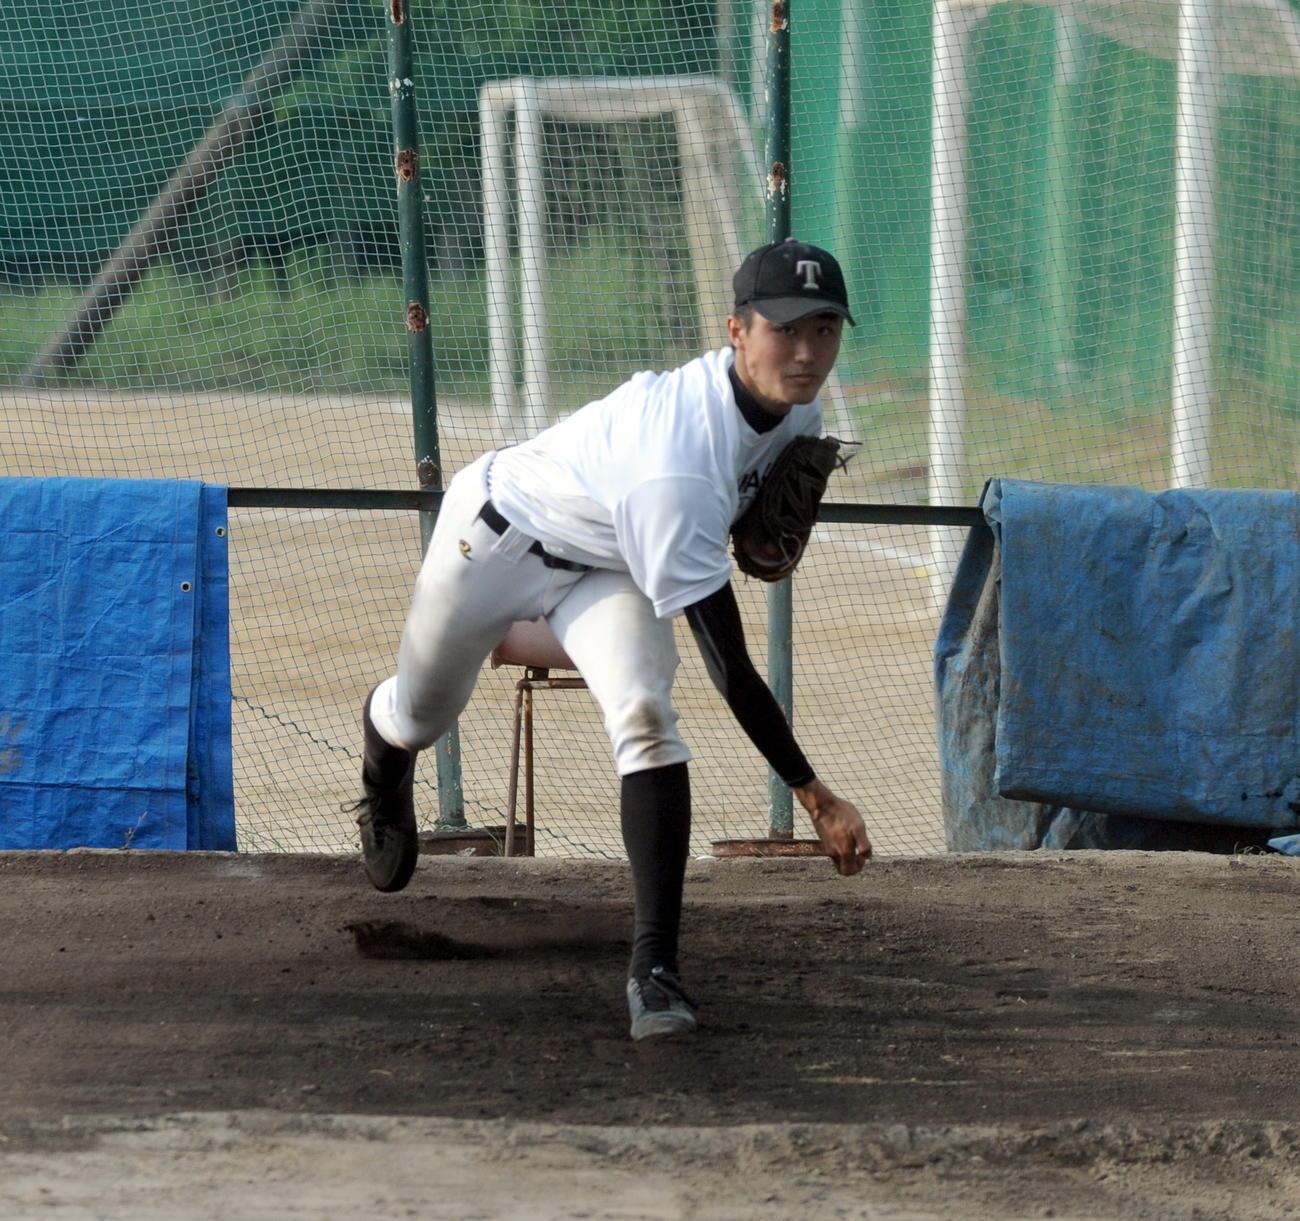 磐田東戦に向け、投球練習に熱が入る浜松工の杉田(2020年7月3日撮影)